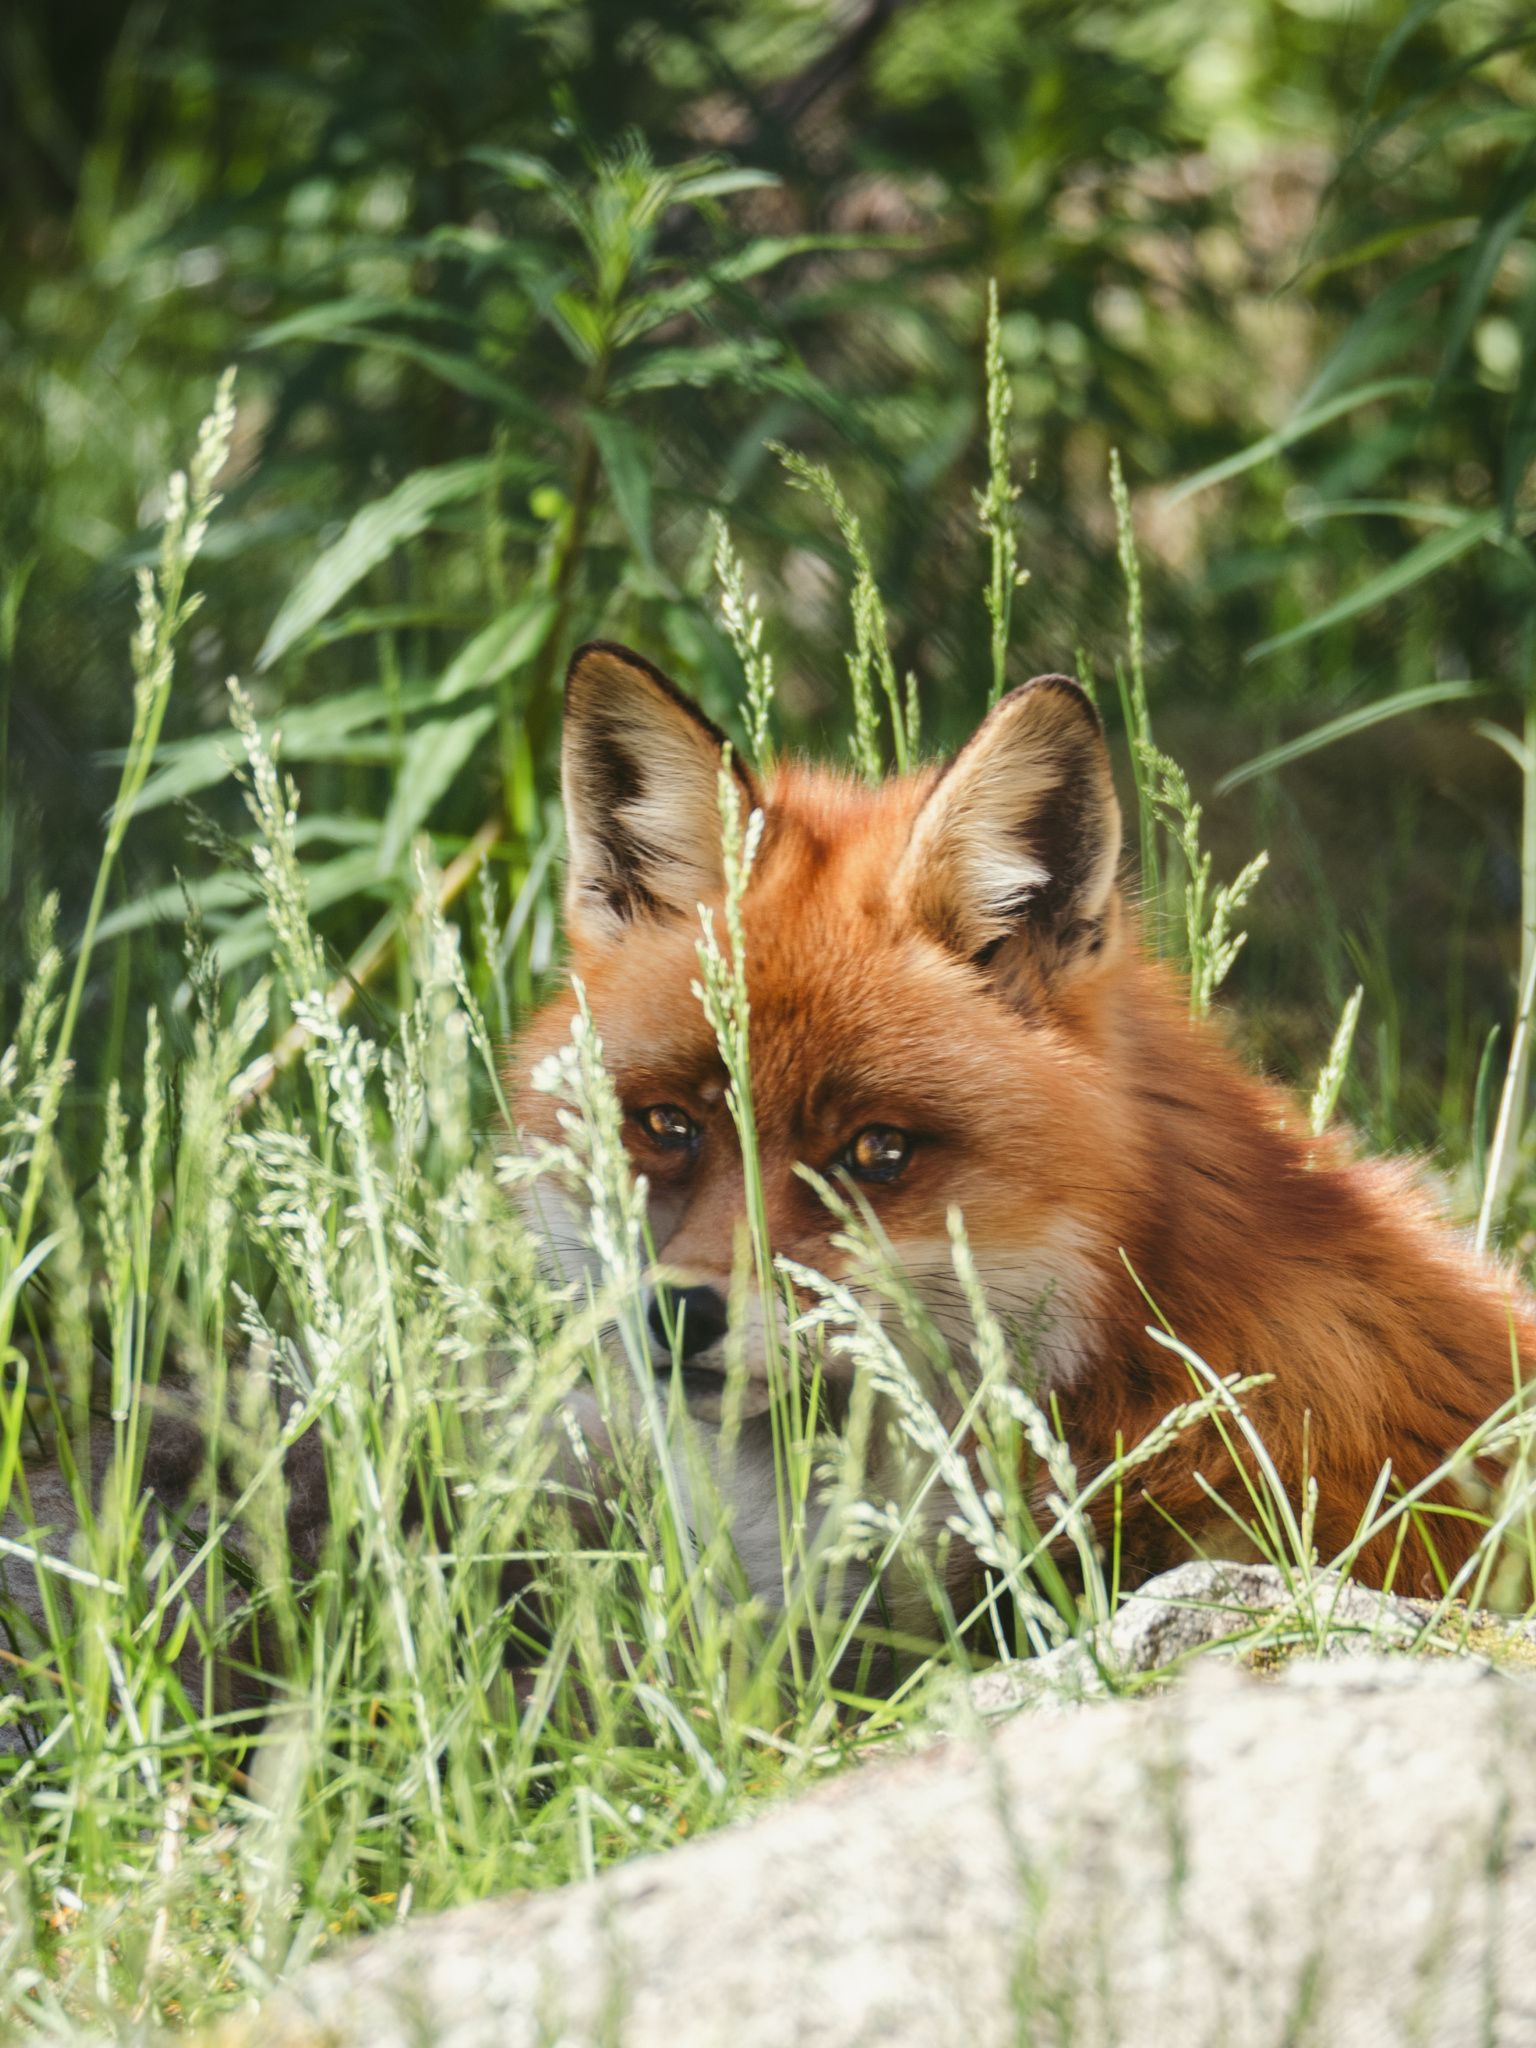 Red Fox by Sanni Vierelä on 500px